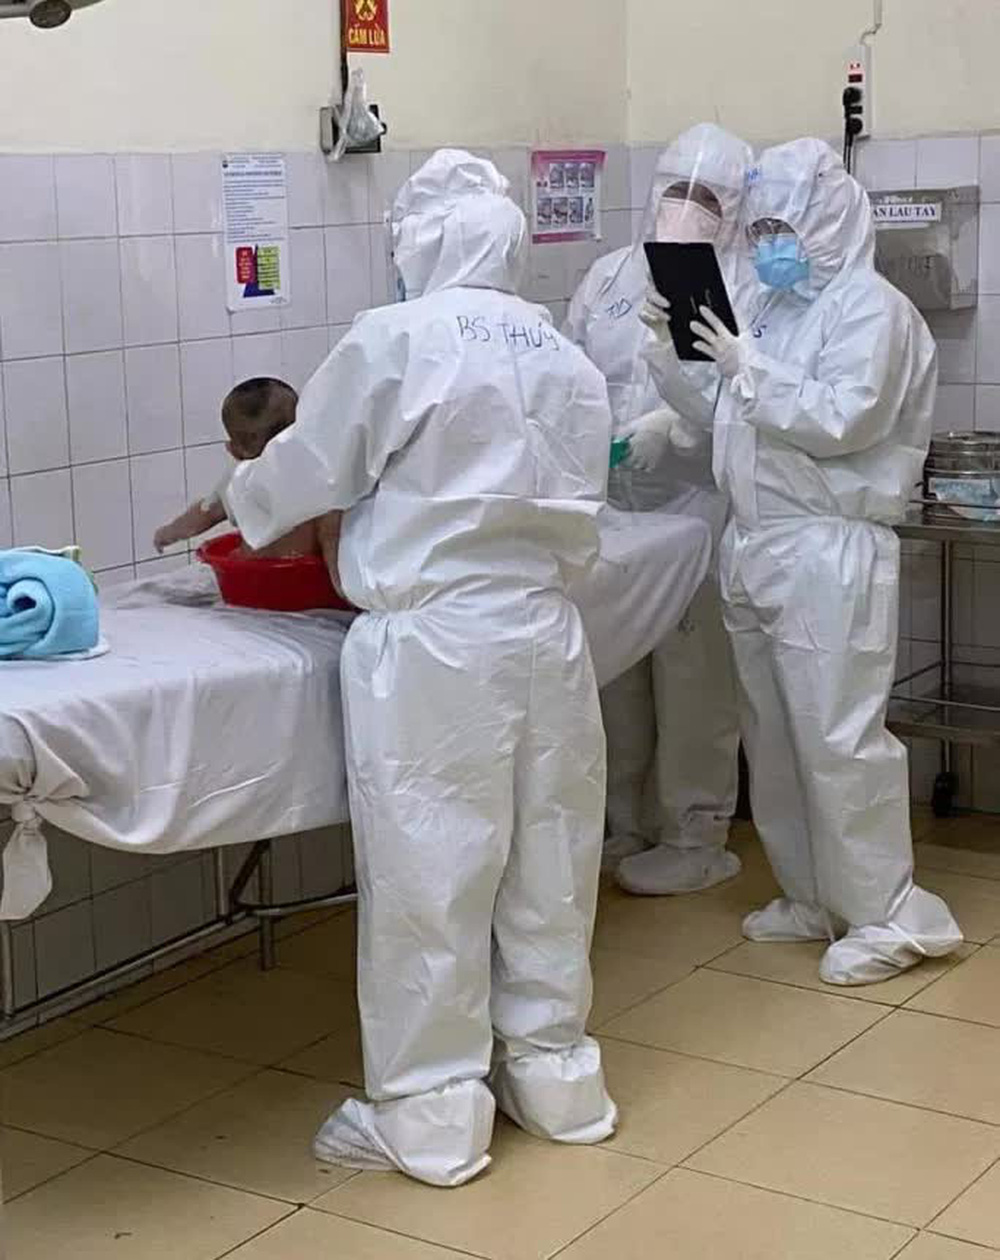 Thưởng nóng nữ bác sĩ vắt sữa nuôi bệnh nhi Covid-19 - Ảnh 1.